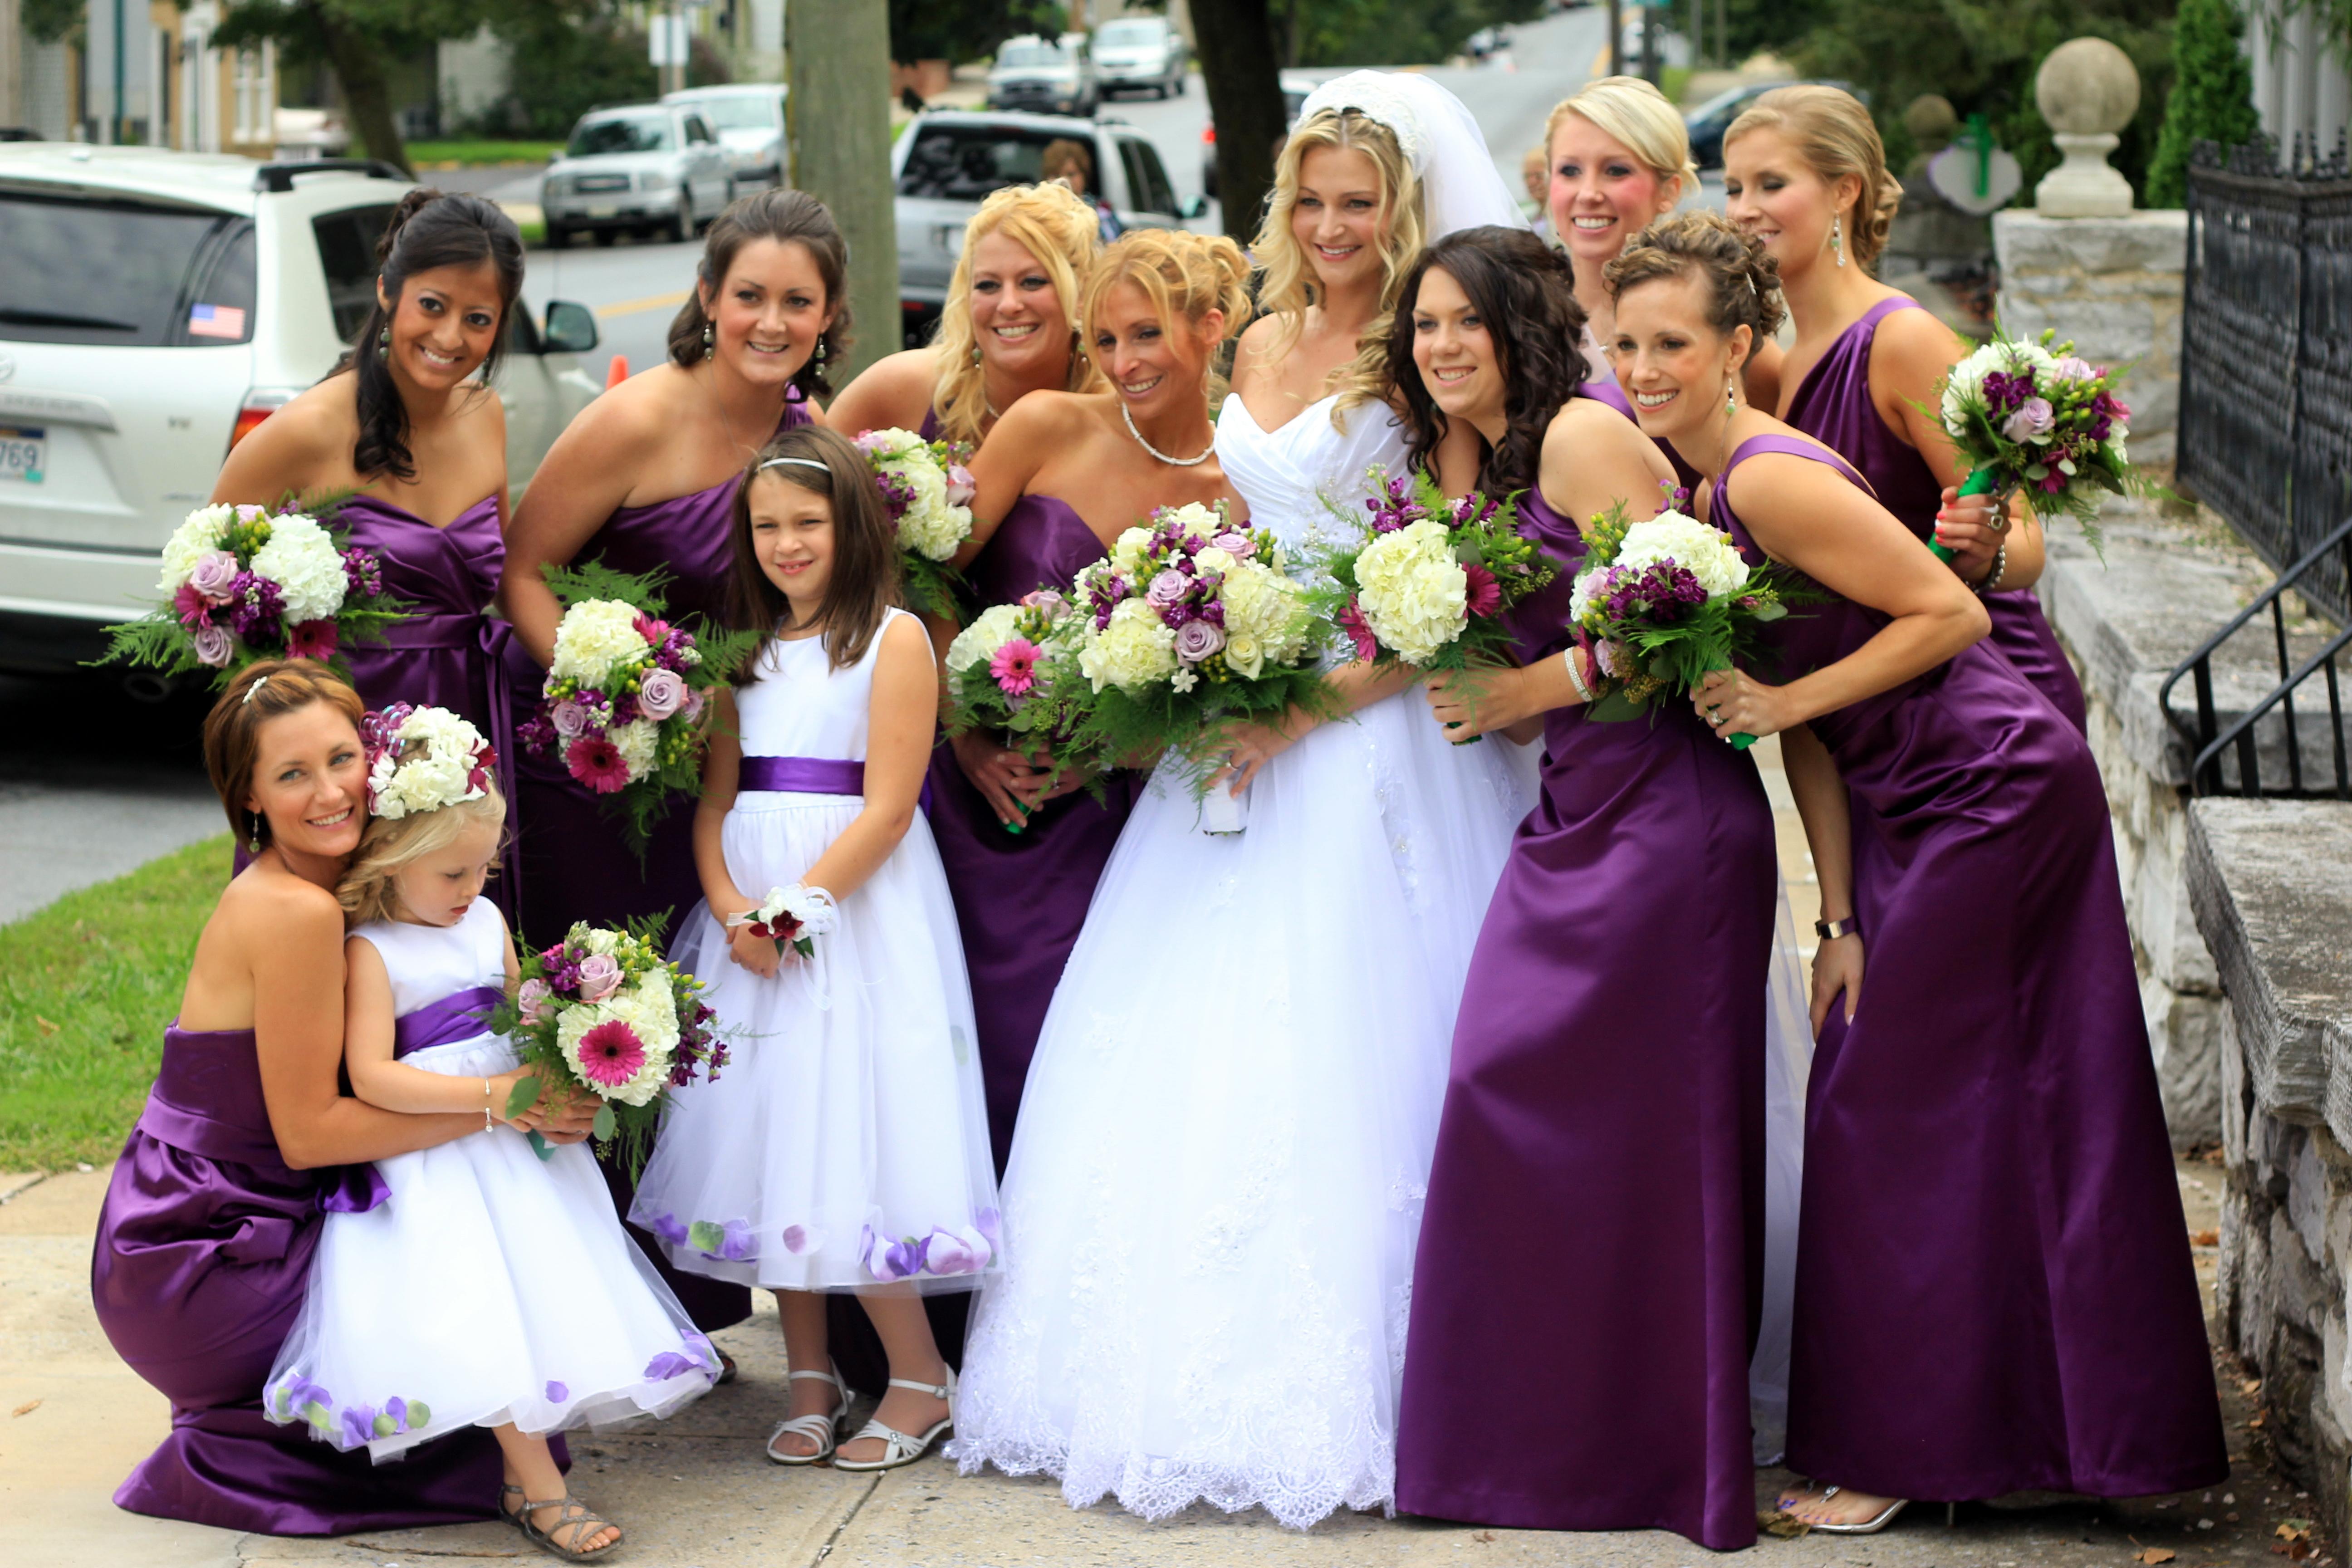 свадьба в одном цвете фото